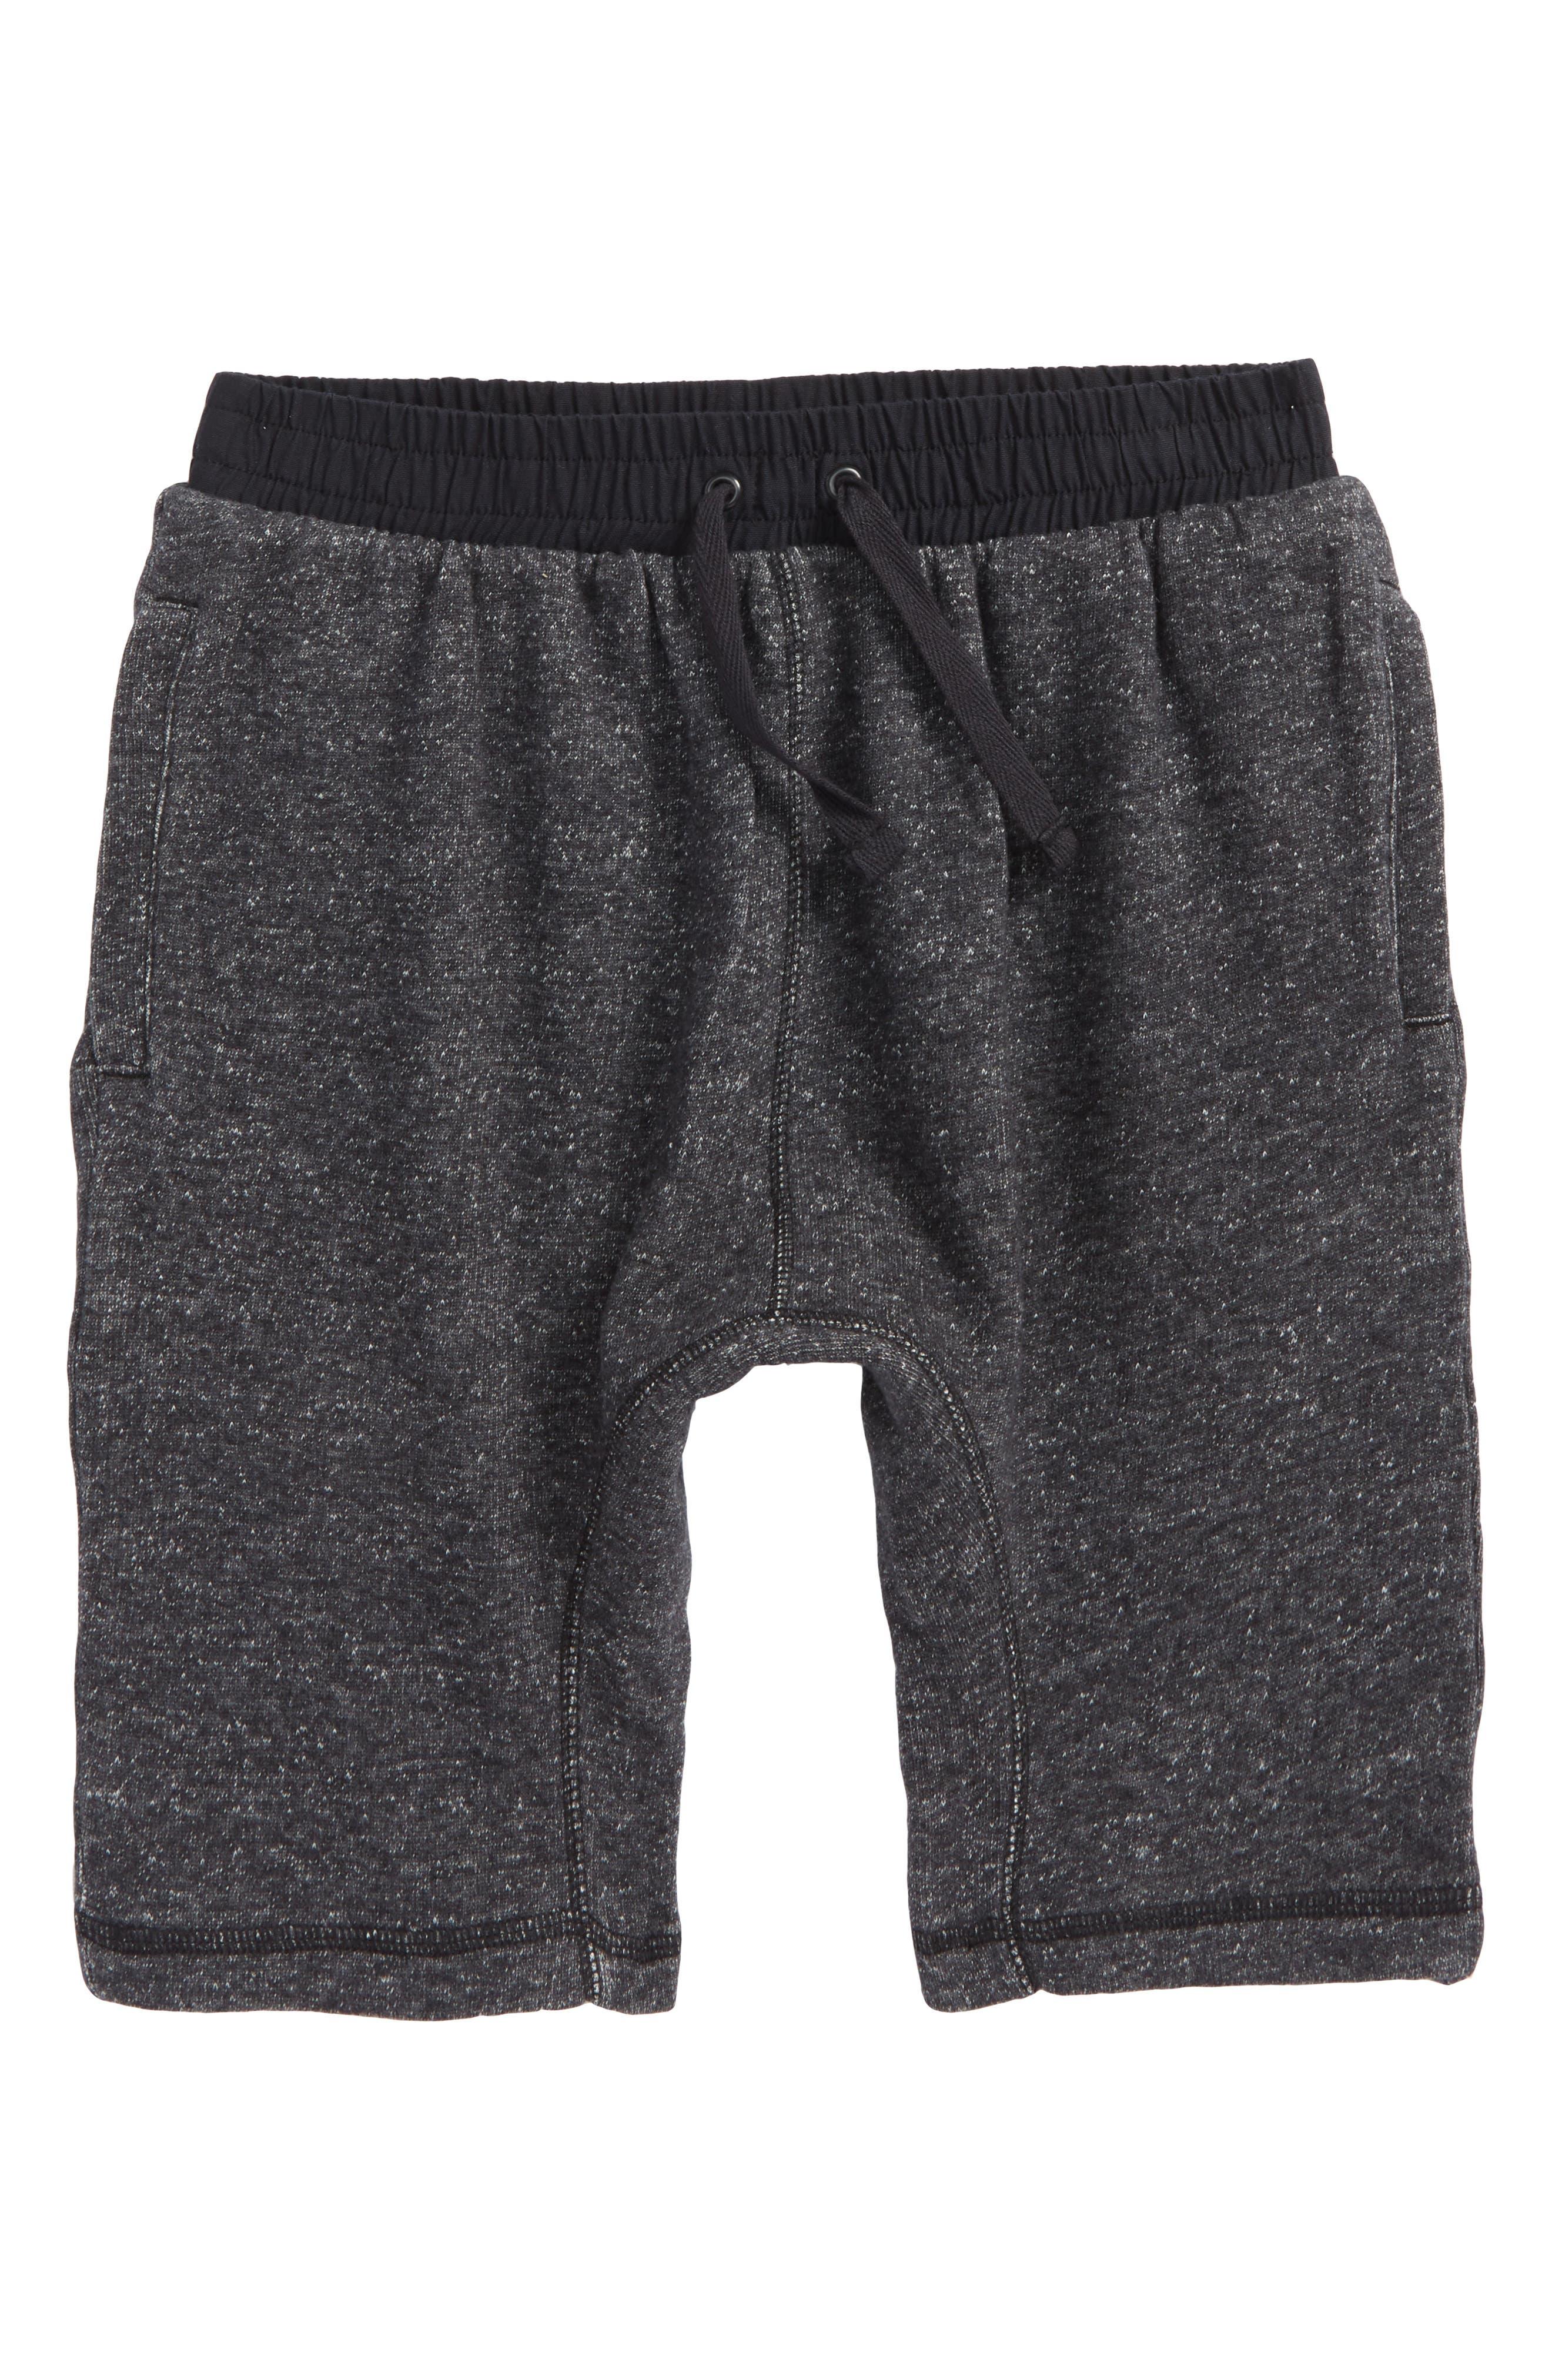 Knit Jogger Shorts,                             Main thumbnail 1, color,                             001